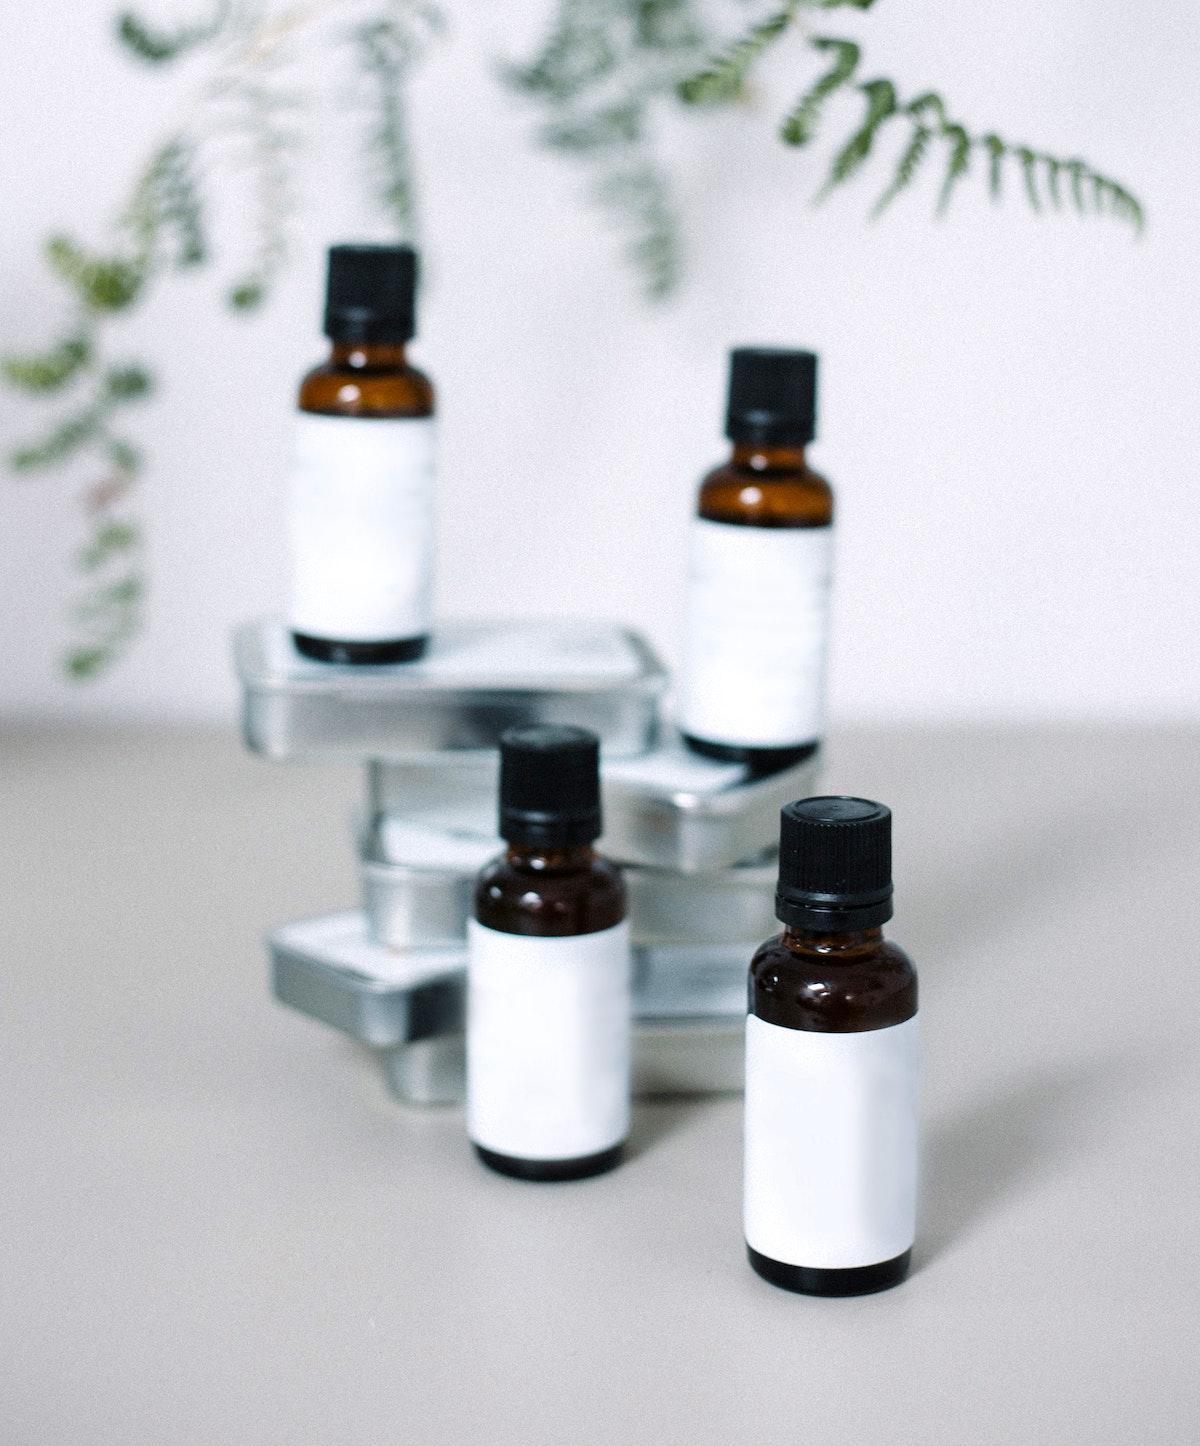 4 white essential oils bottles